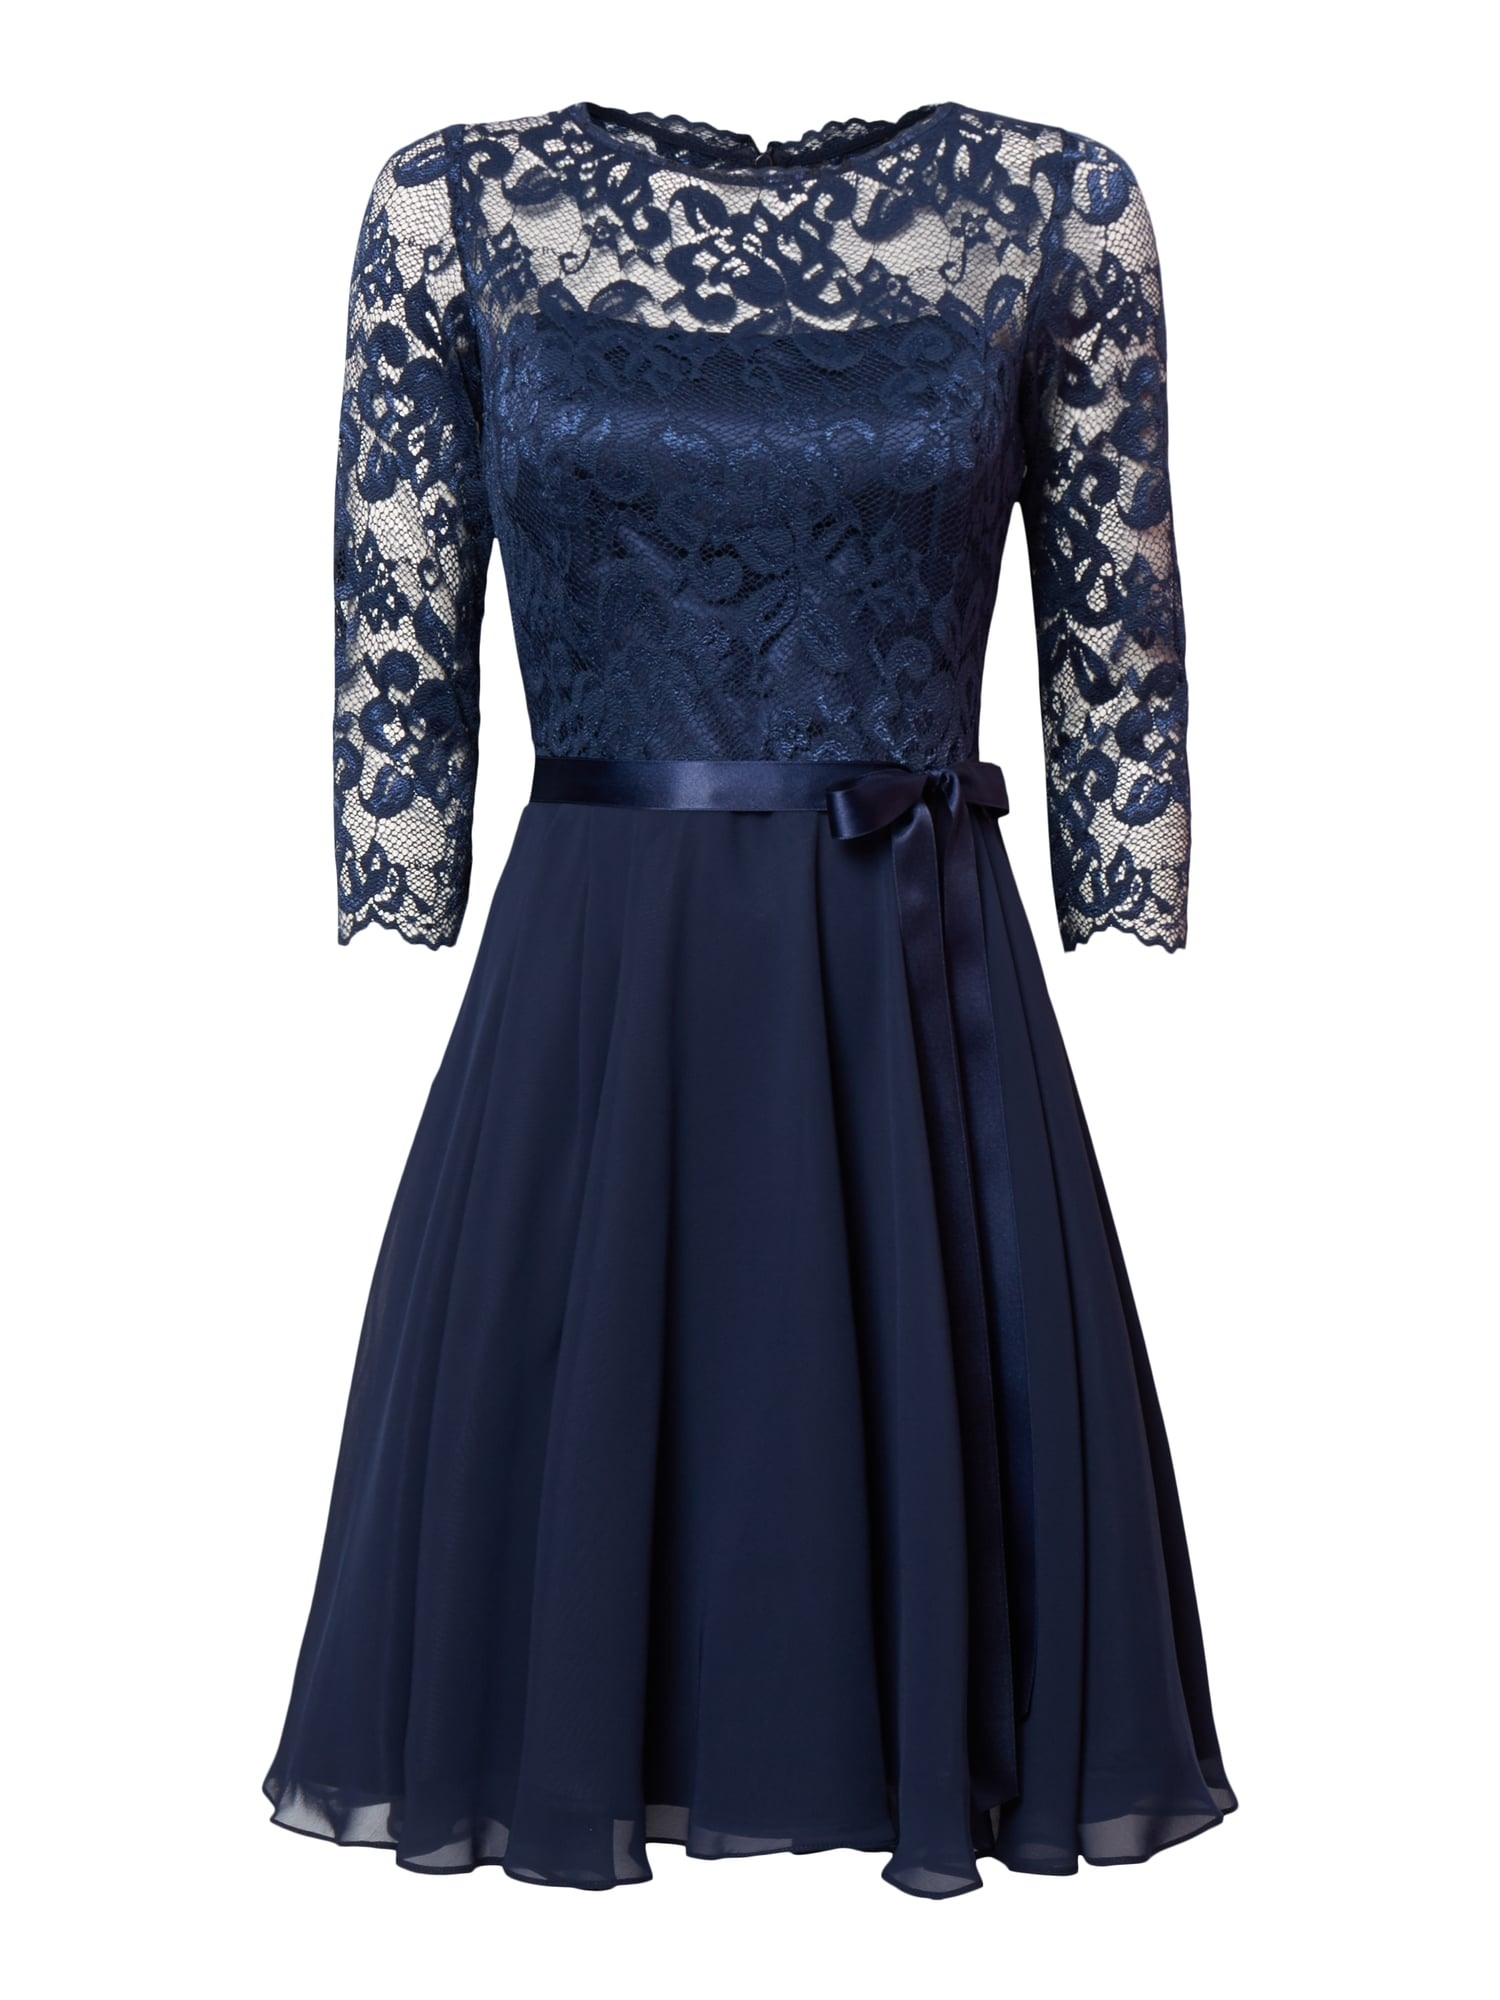 17 Spektakulär Kleid Dunkelblau Spitze für 201913 Elegant Kleid Dunkelblau Spitze Boutique